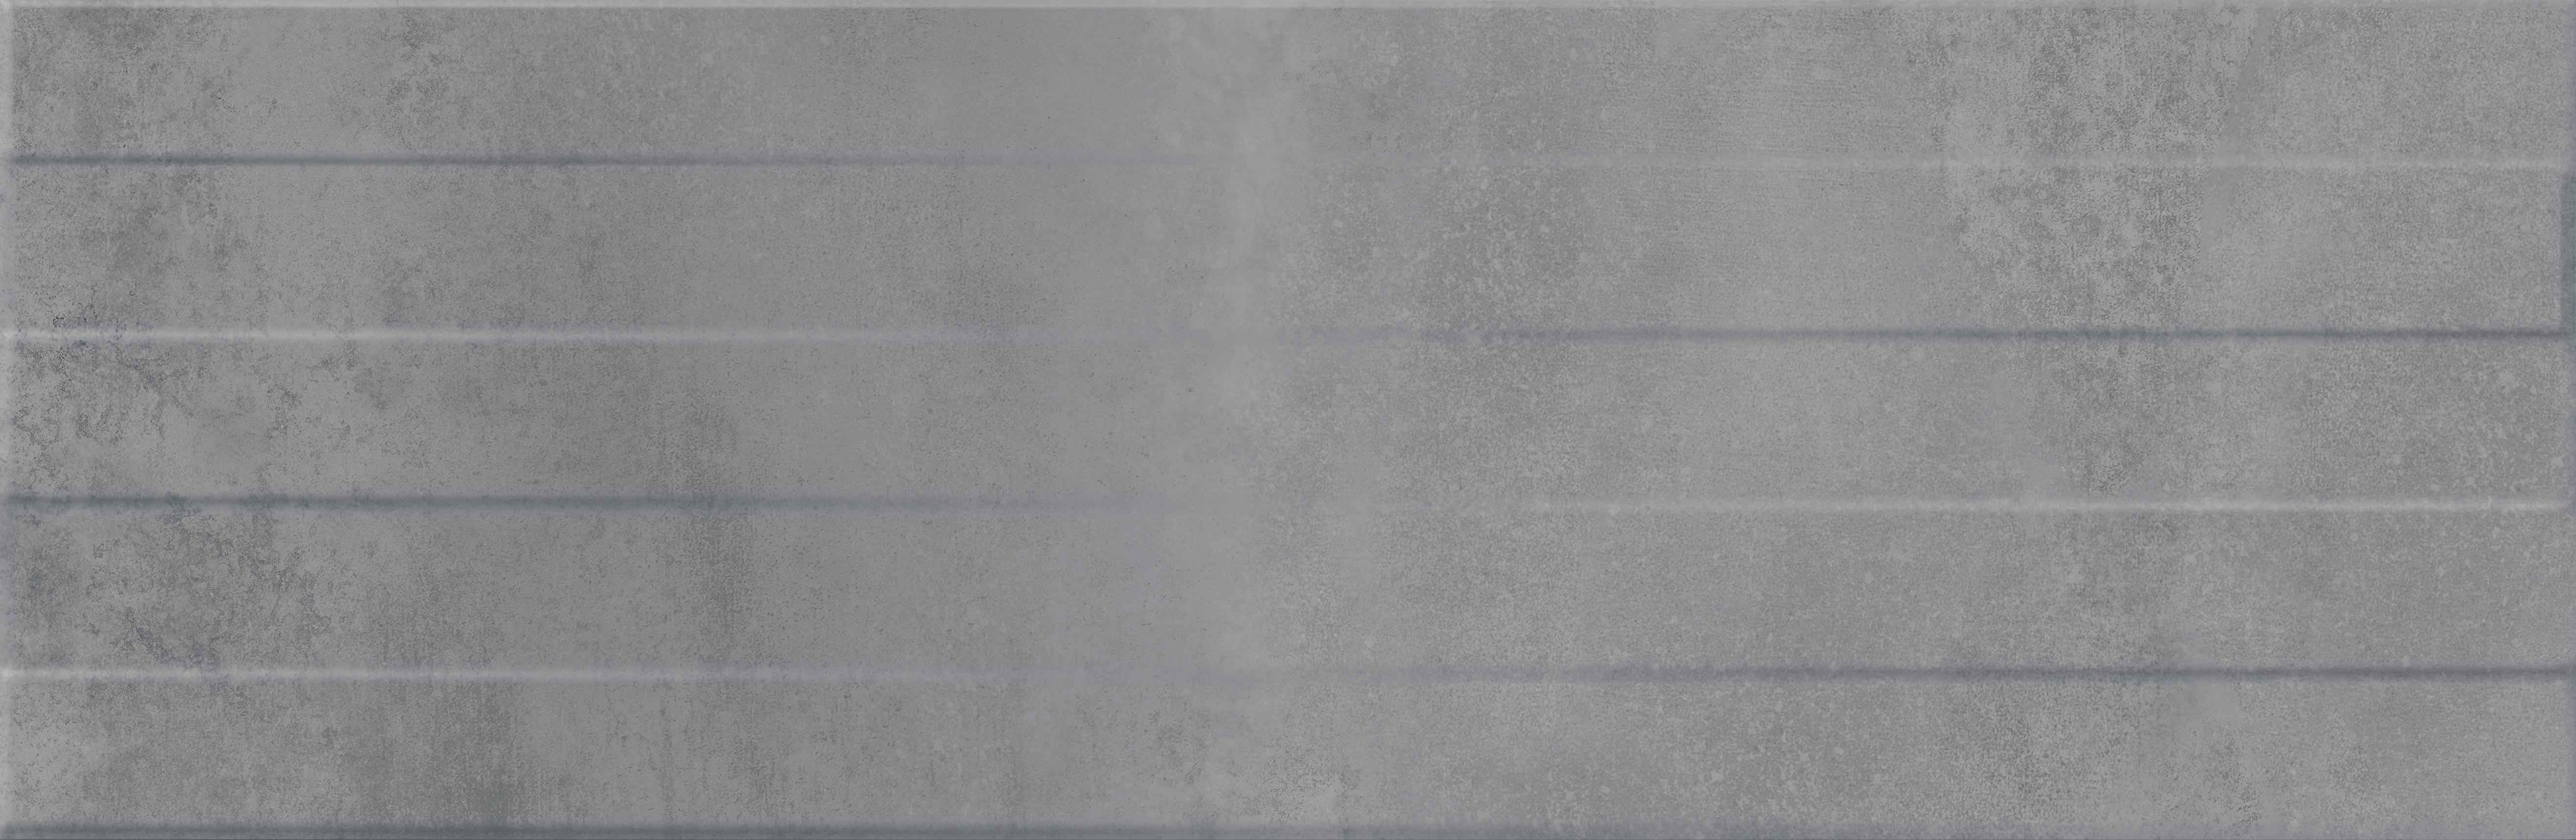 Купить Керамическая плитка Mei Concrete Stripes рельеф серый (O-CON-WTA092) настенная 29x89, Россия